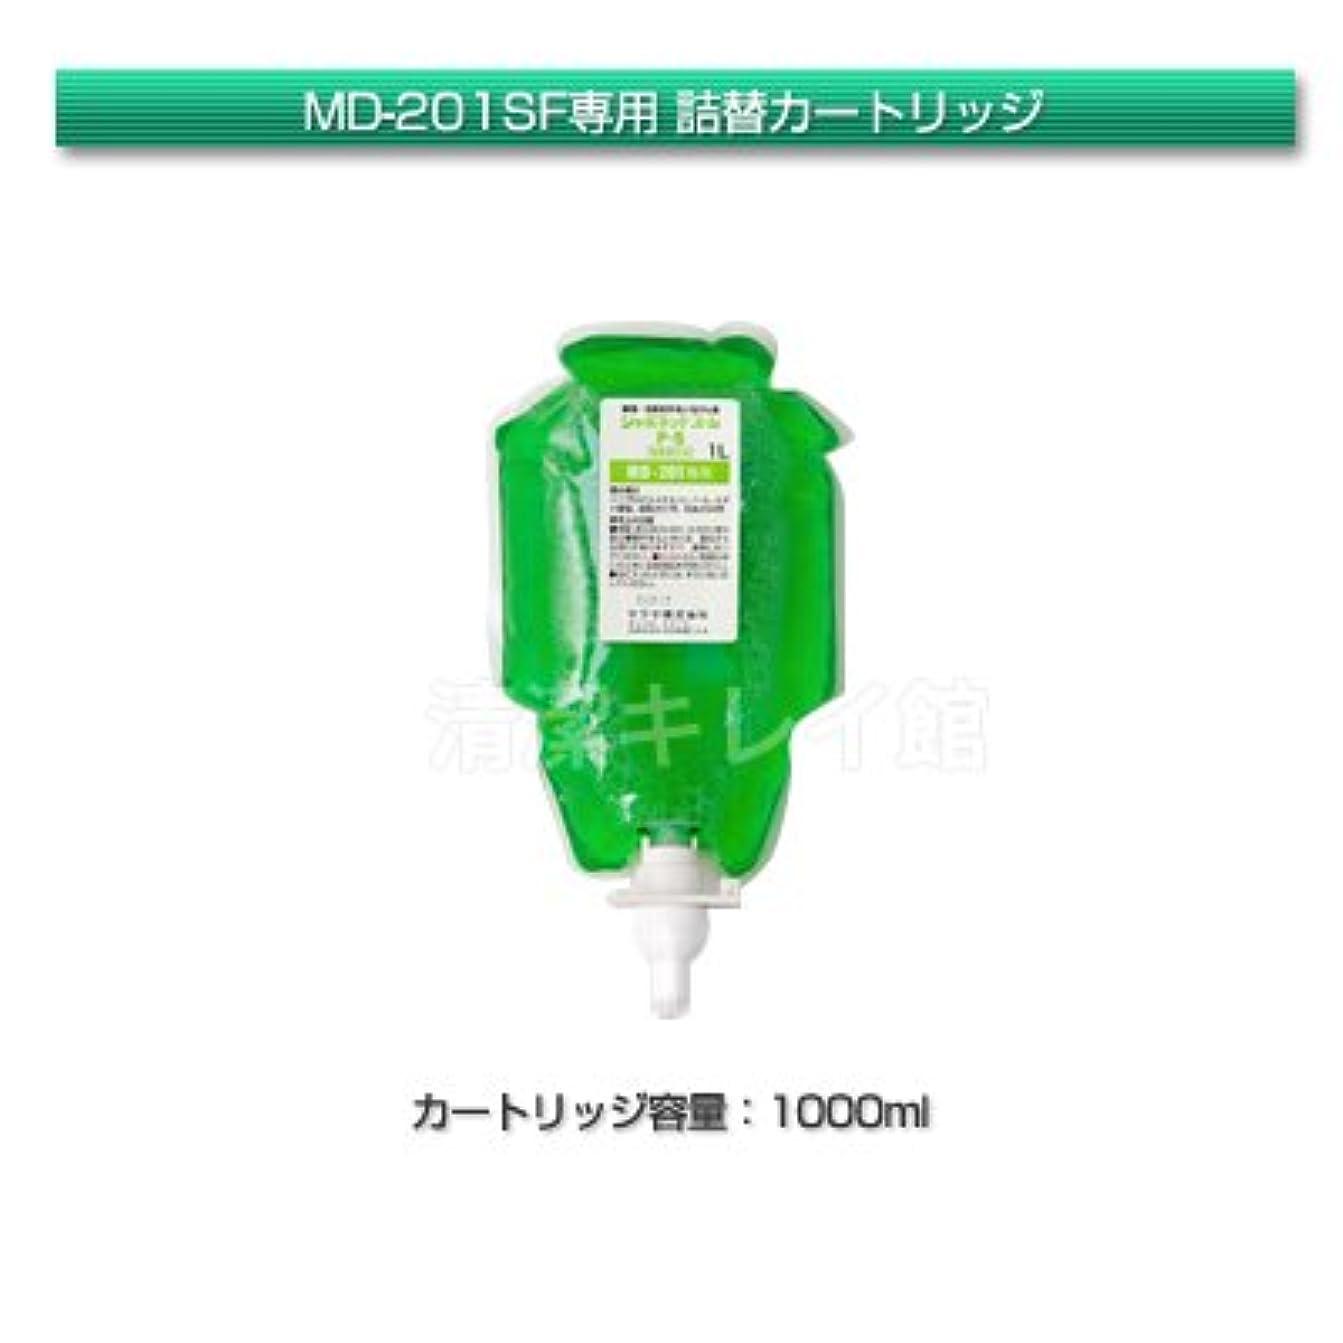 恥ずかしいバーベキューポジティブサラヤ プッシュ式石鹸液 MD-201SF(泡)専用カートリッジ(ユムP-5)1000ml【清潔キレイ館】